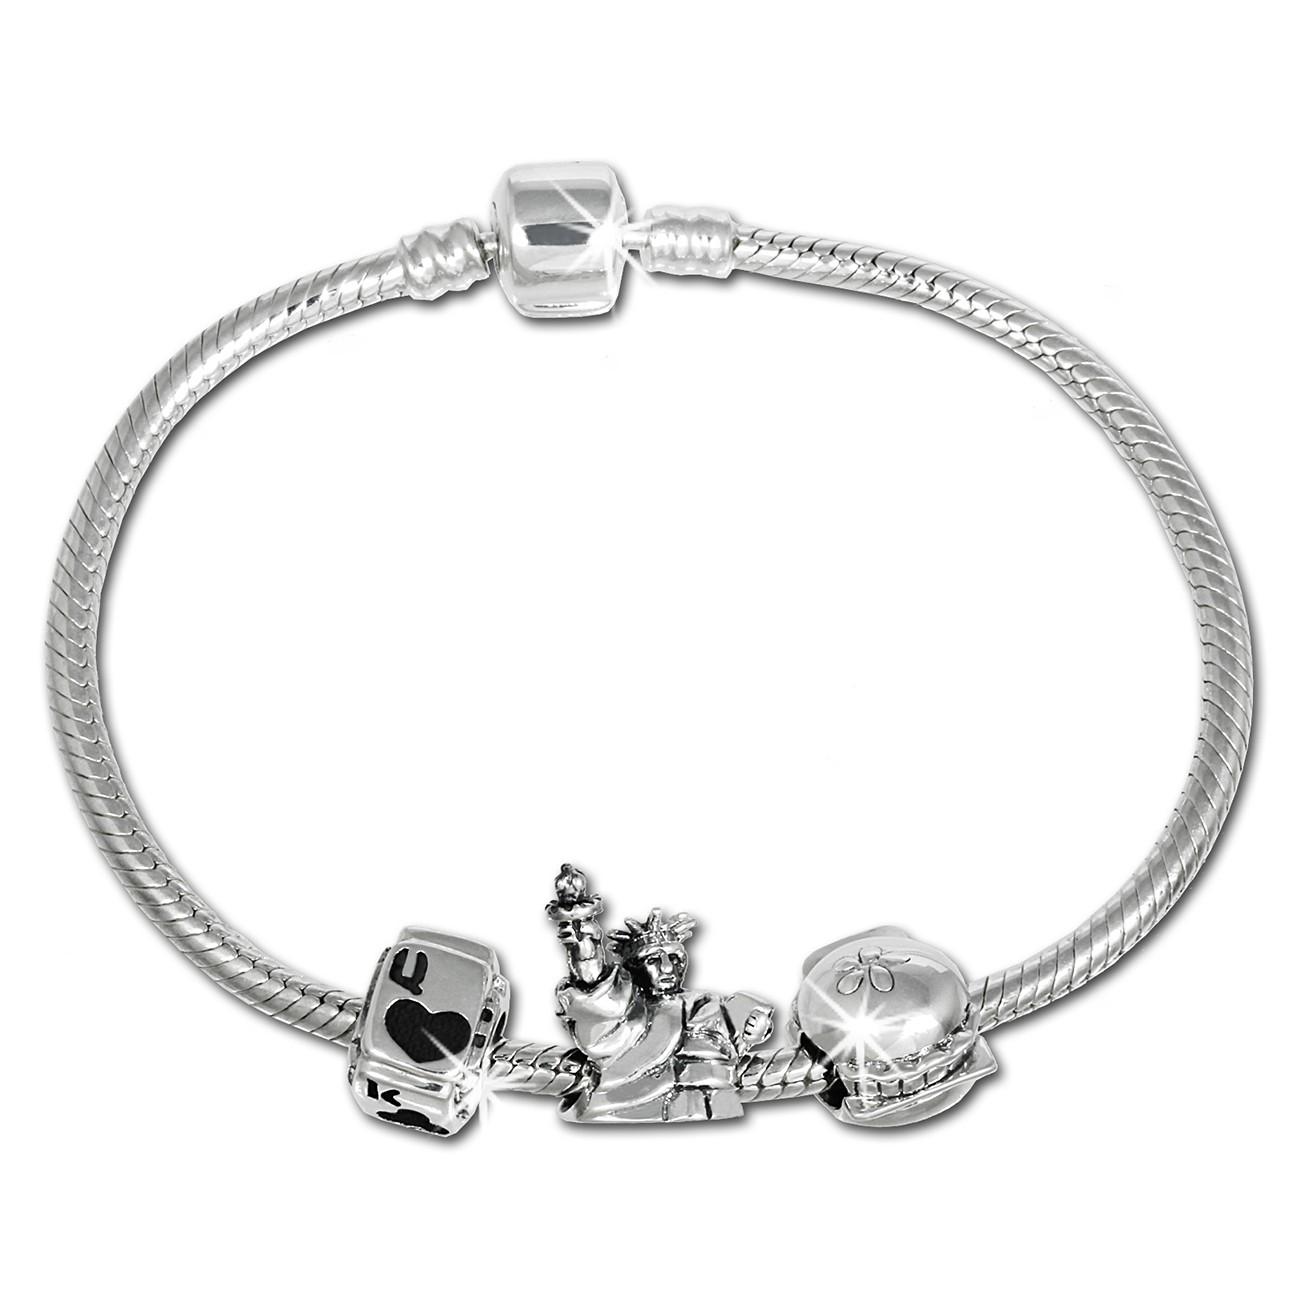 IMPPAC Komplett Armband + 3 Beads 925er Silber European Bead SBS009